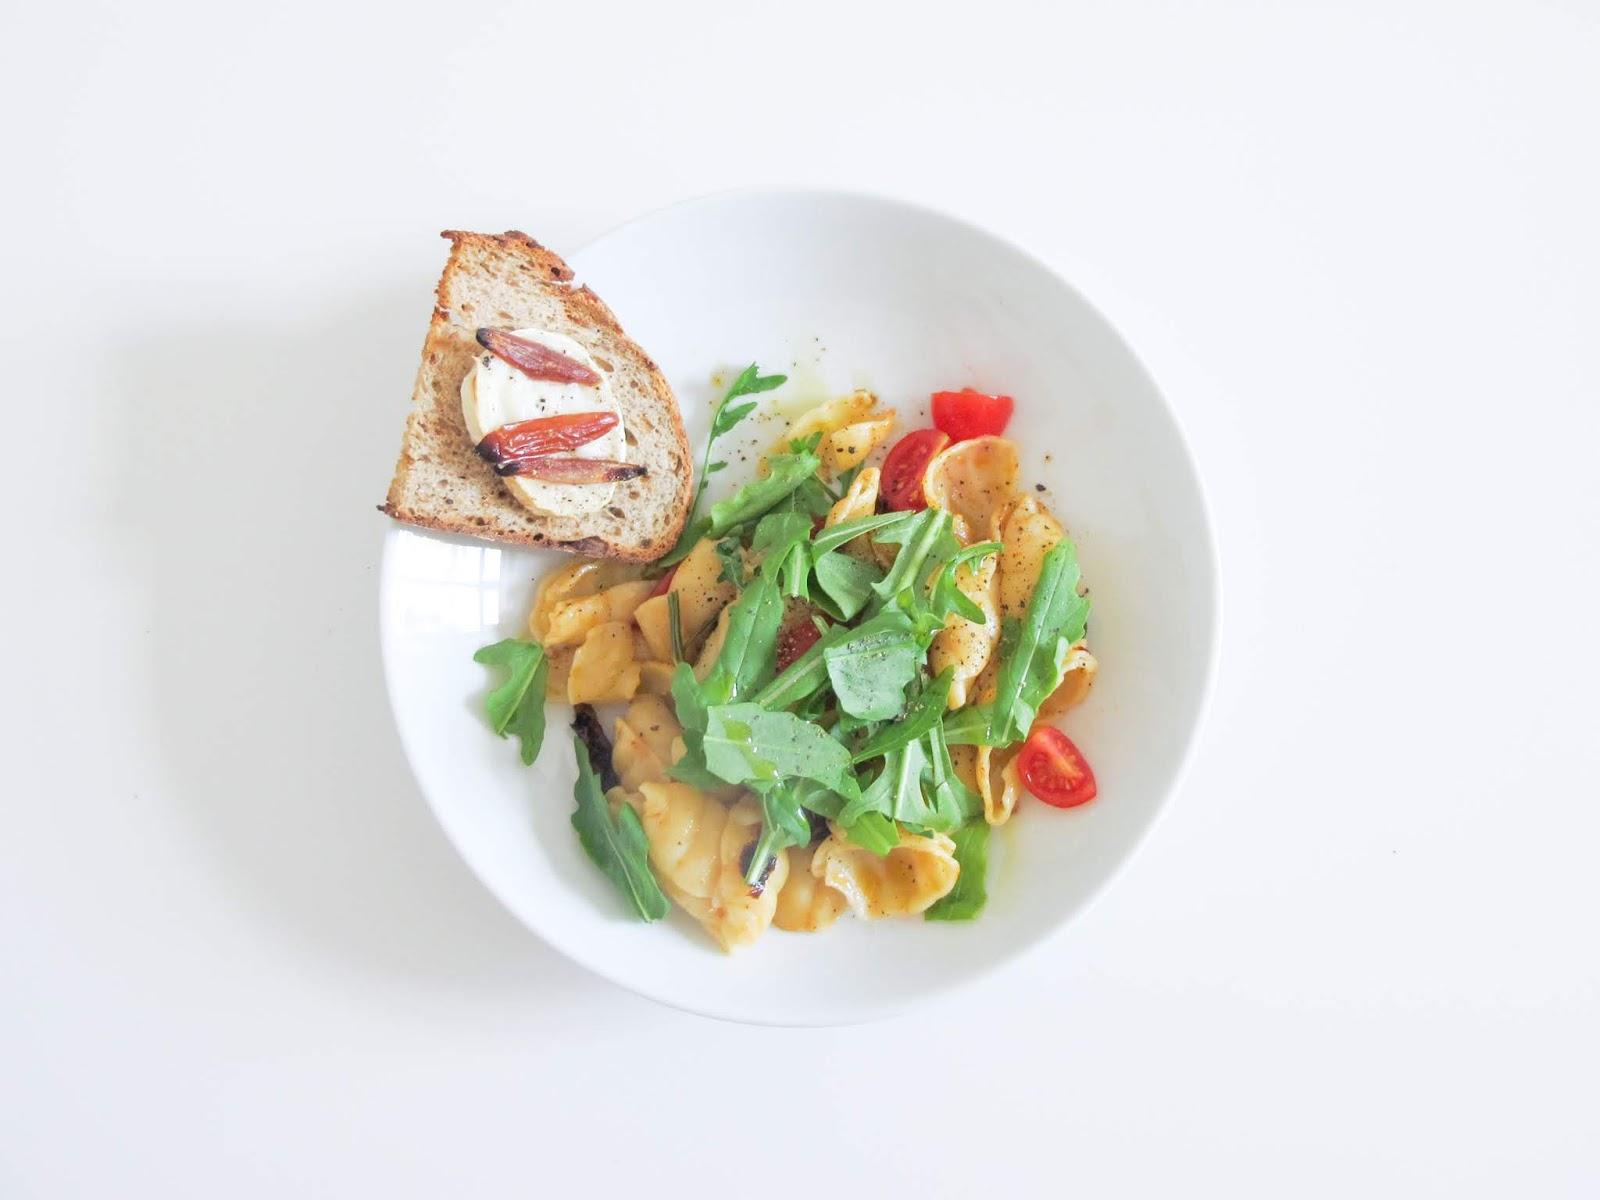 Lauwarmer Nudelsalat Mit Getrockneten Tomaten Und Dazu Geröstetes